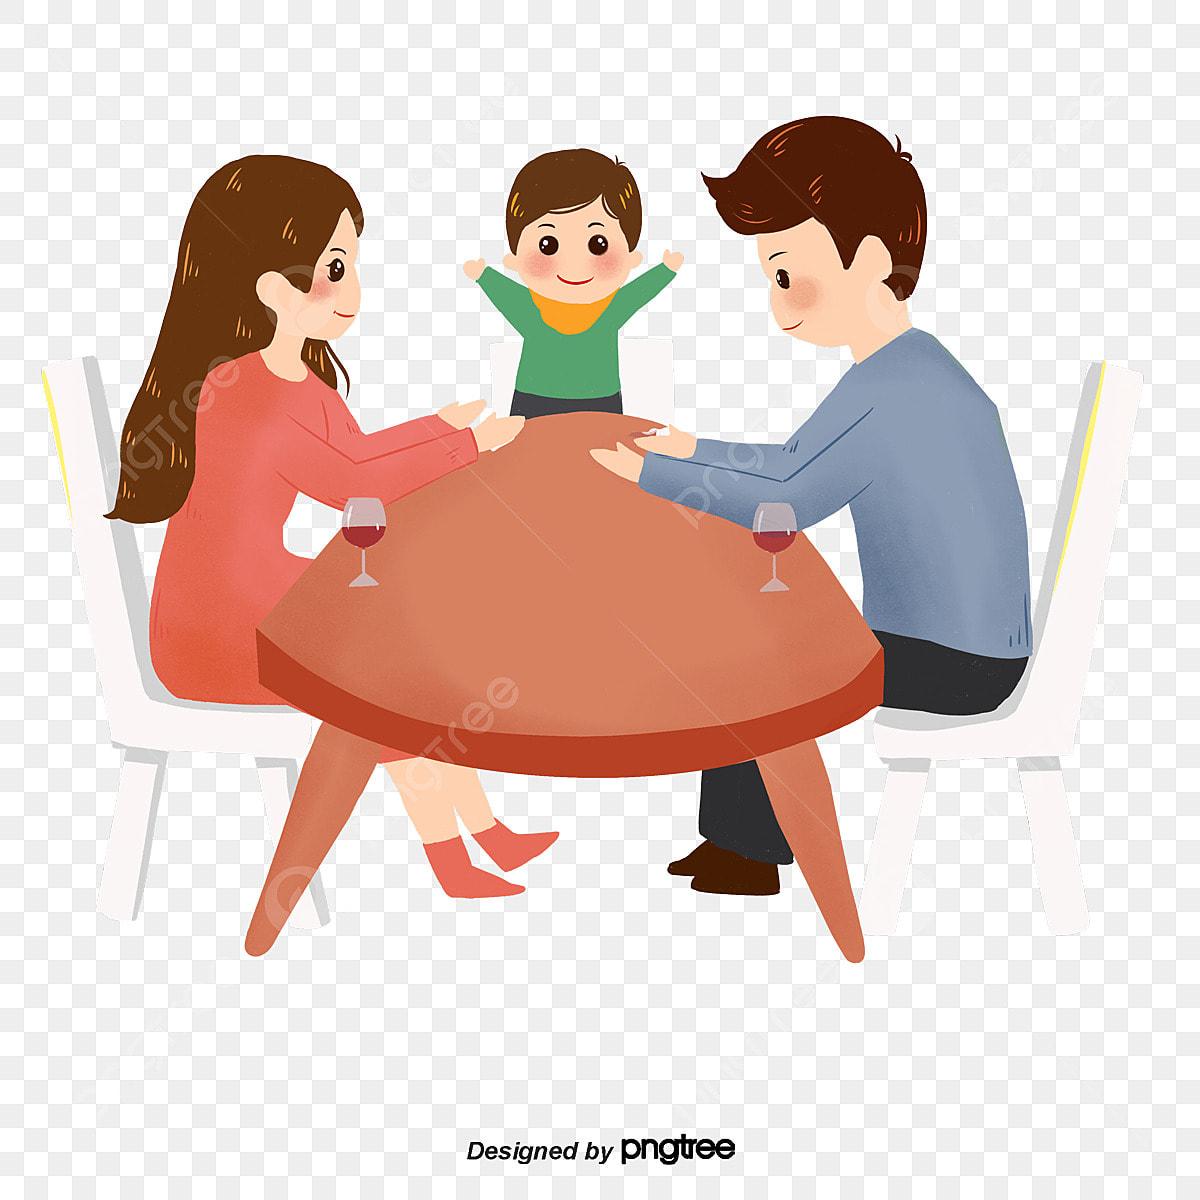 Gambar Duduk Di Meja Depan Untuk Sebuah Keluarga Tiga Keluarga Tiga Kartun Keharmonian Png Dan Psd Untuk Muat Turun Percuma